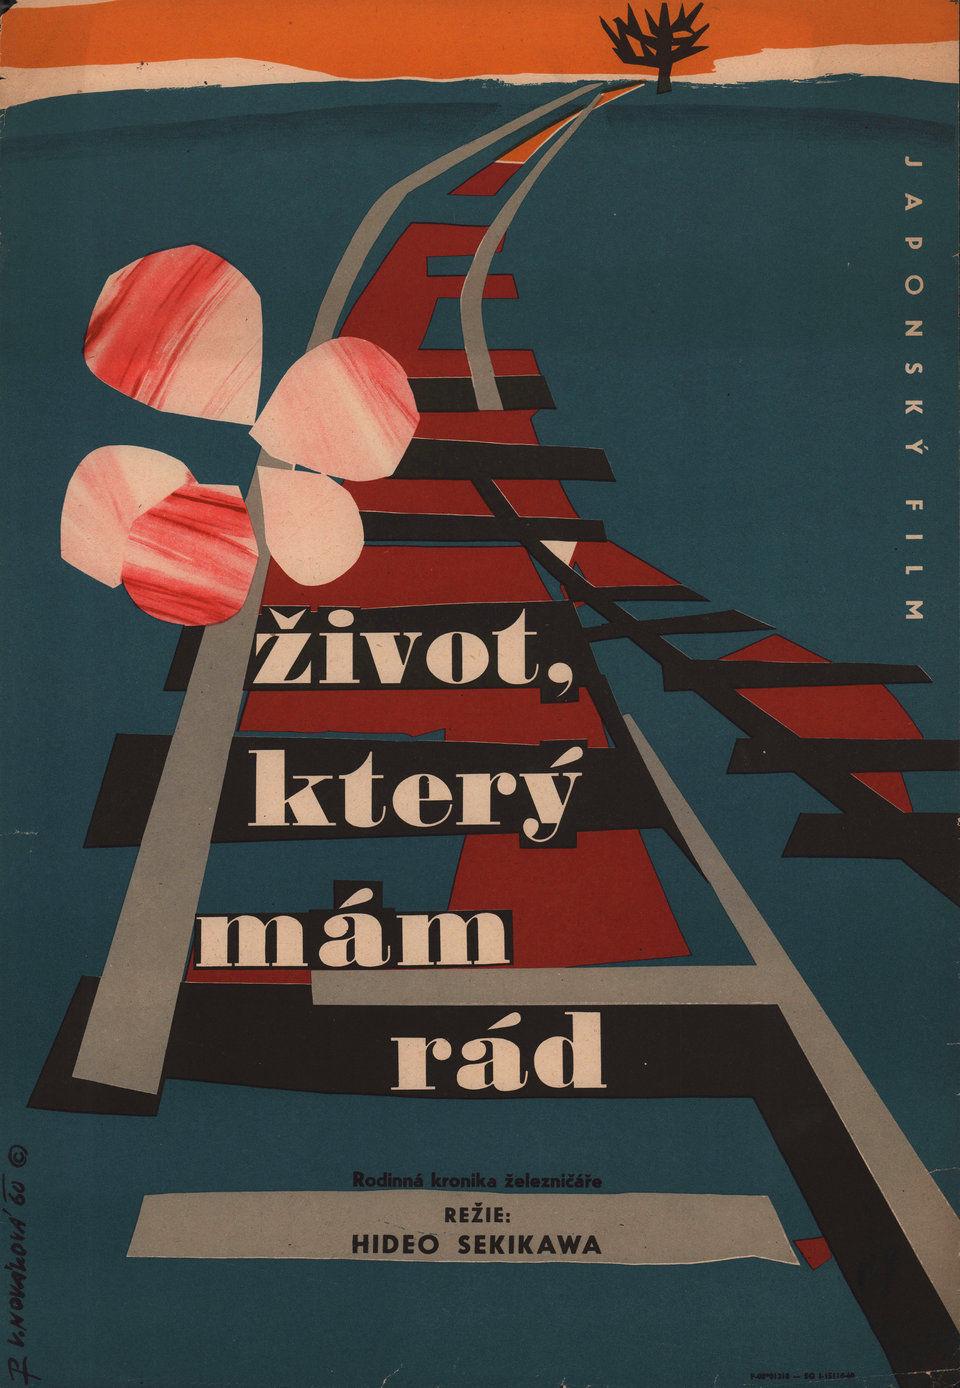 oinaru-tabiji-1960-original-czech-republic-movie-poster